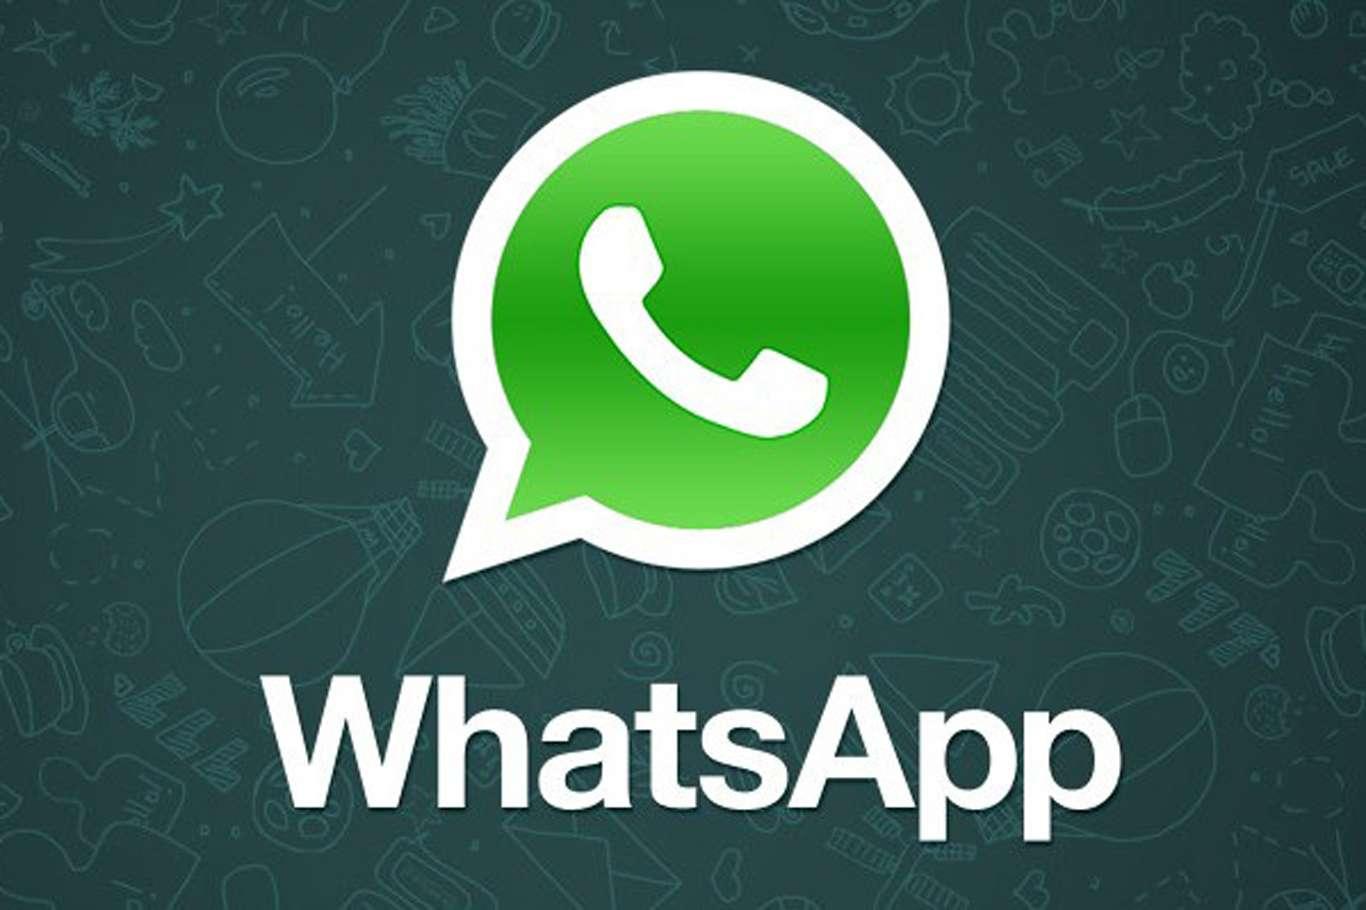 WhatsApp geri adım mı attı? WhatsApp ne yapmaya çalışıyor?